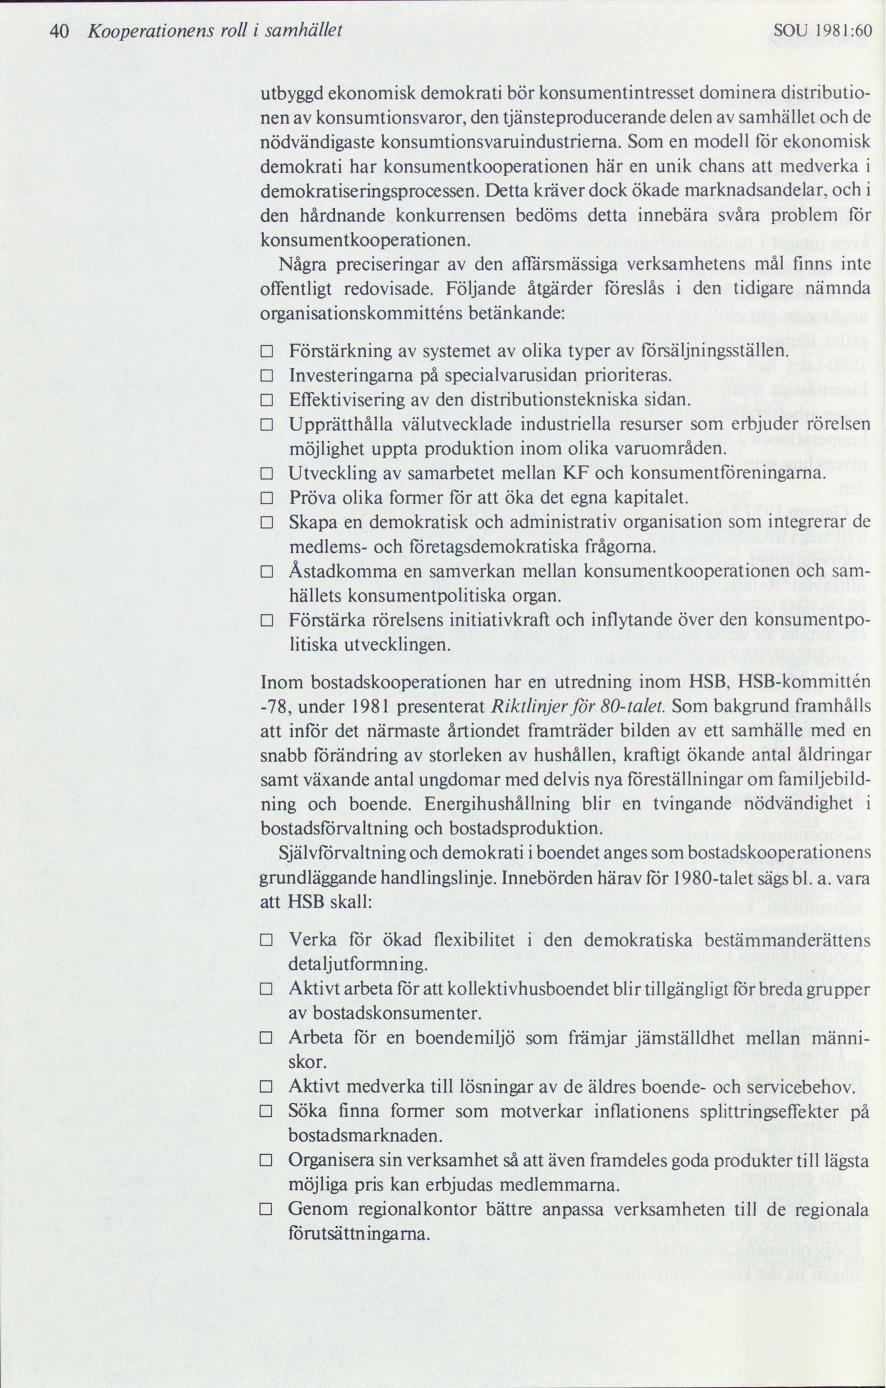 43c31f9b9be Kooperationen i samhället : Kooperationsutredningens huvudbetänkande ...